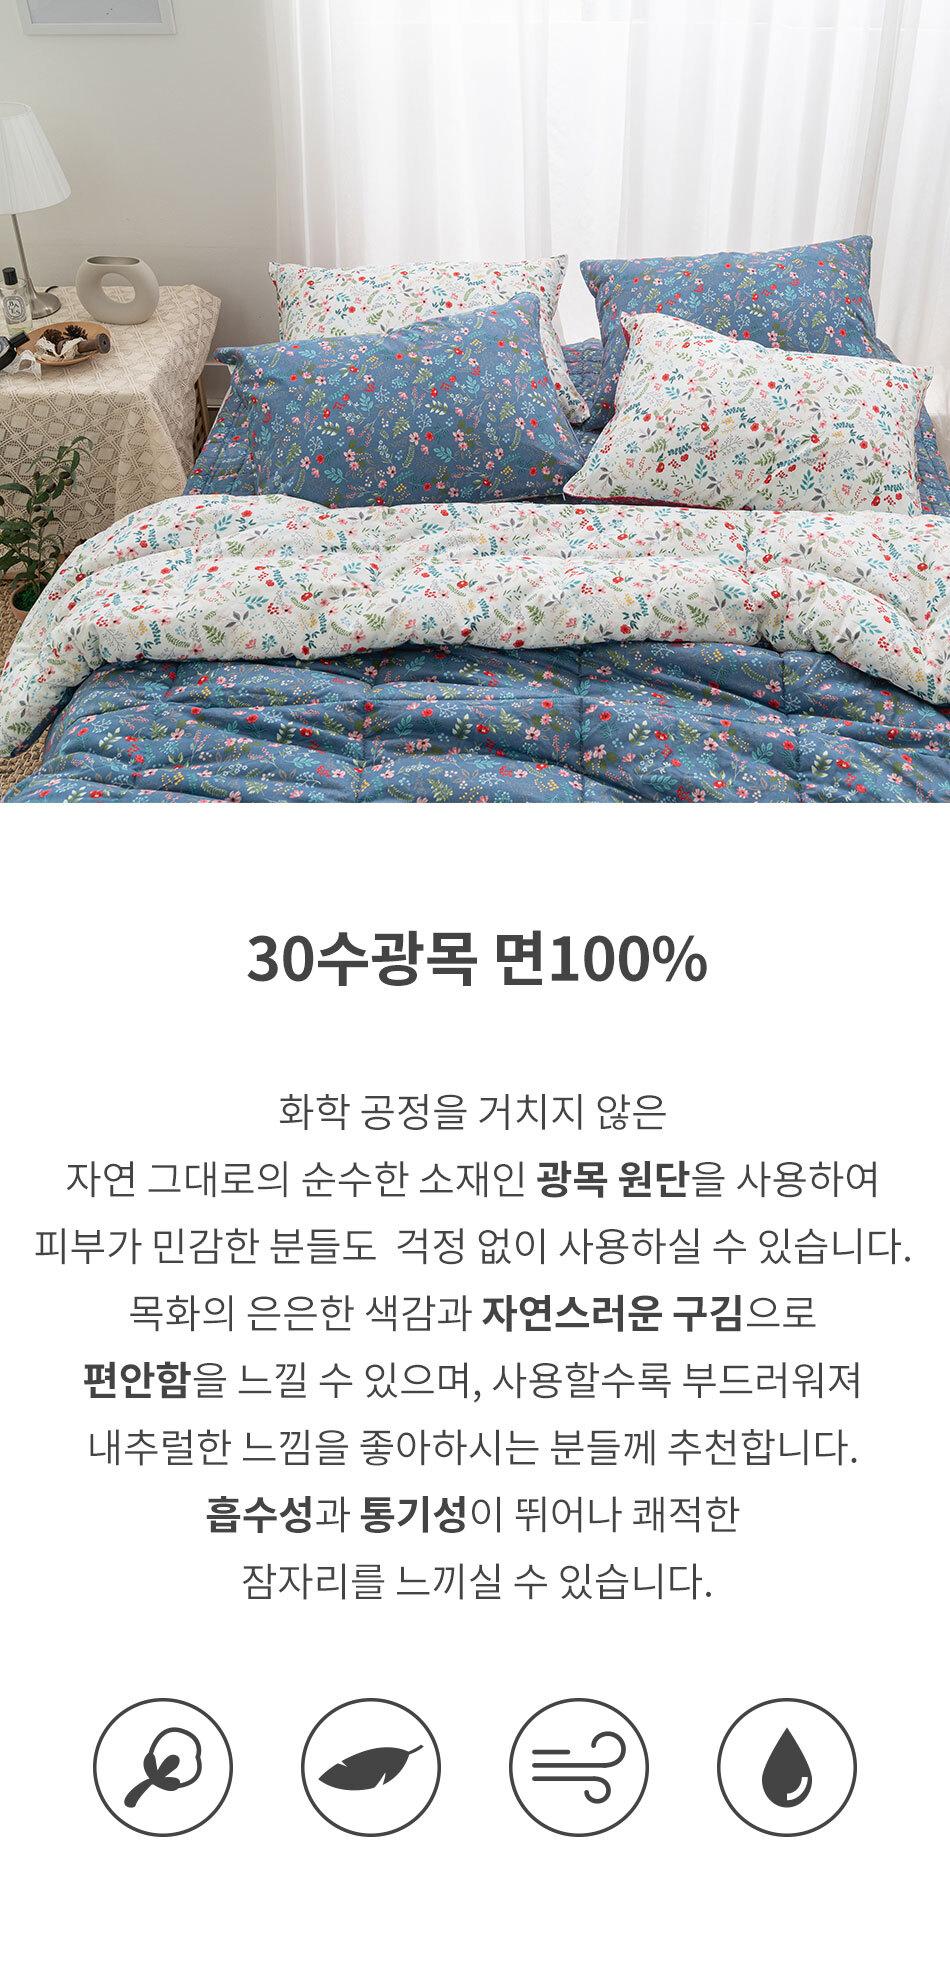 agatha_bed_01.jpg